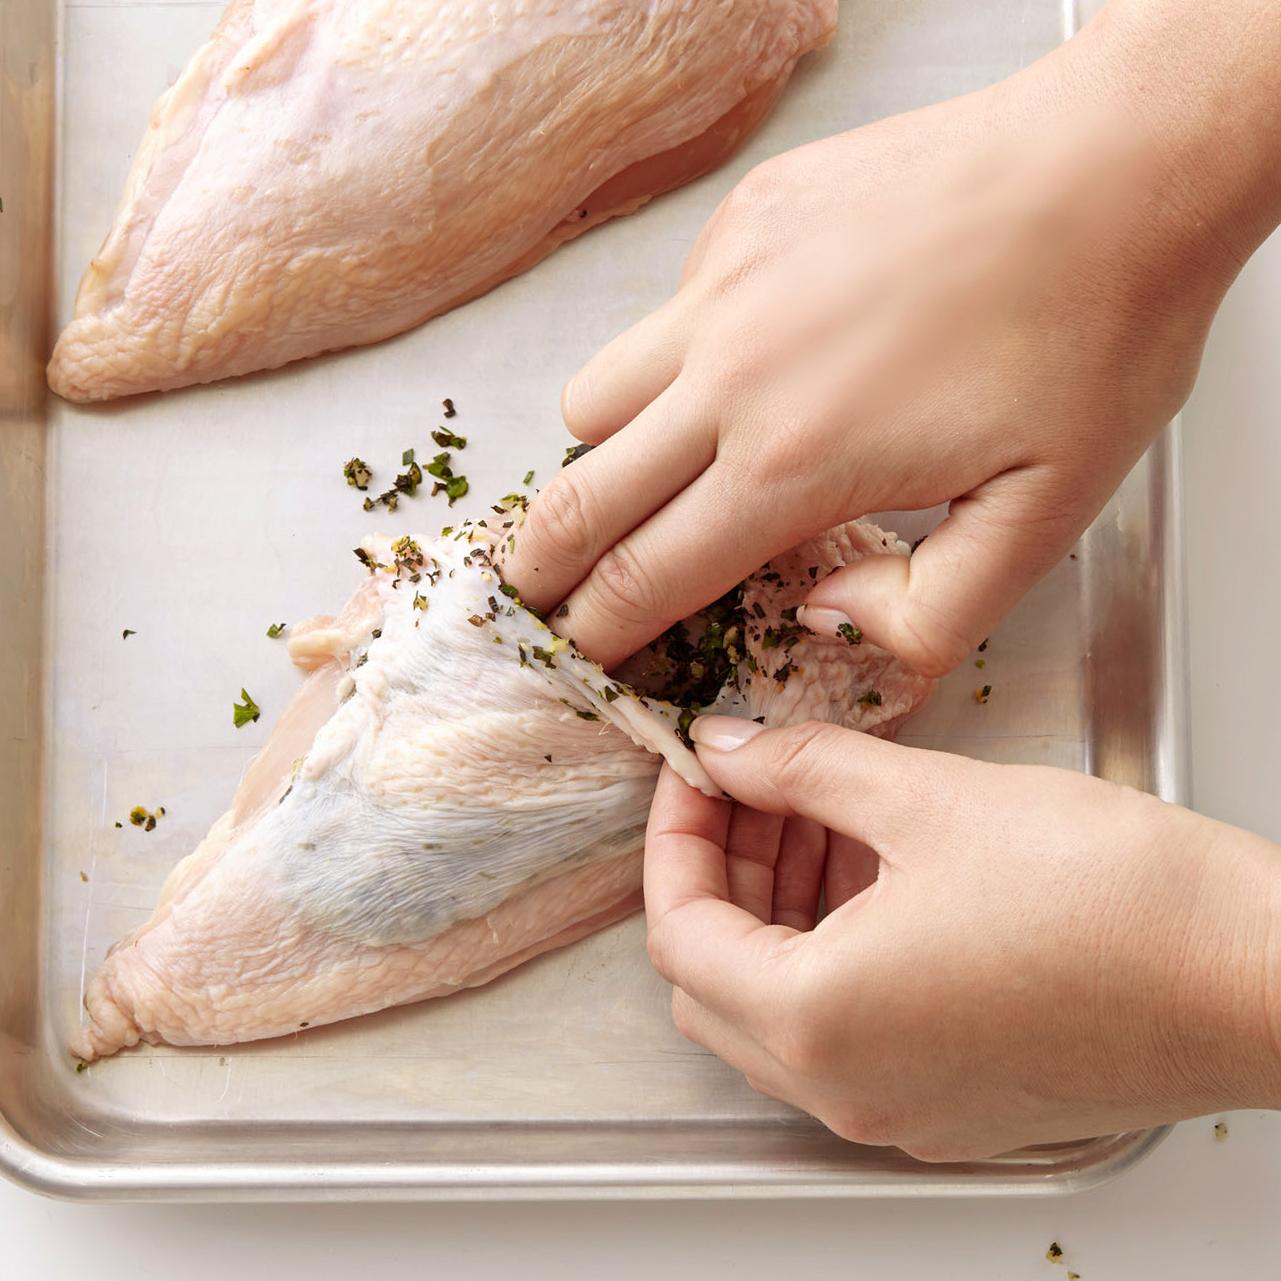 stuffing chicken herbs into skin